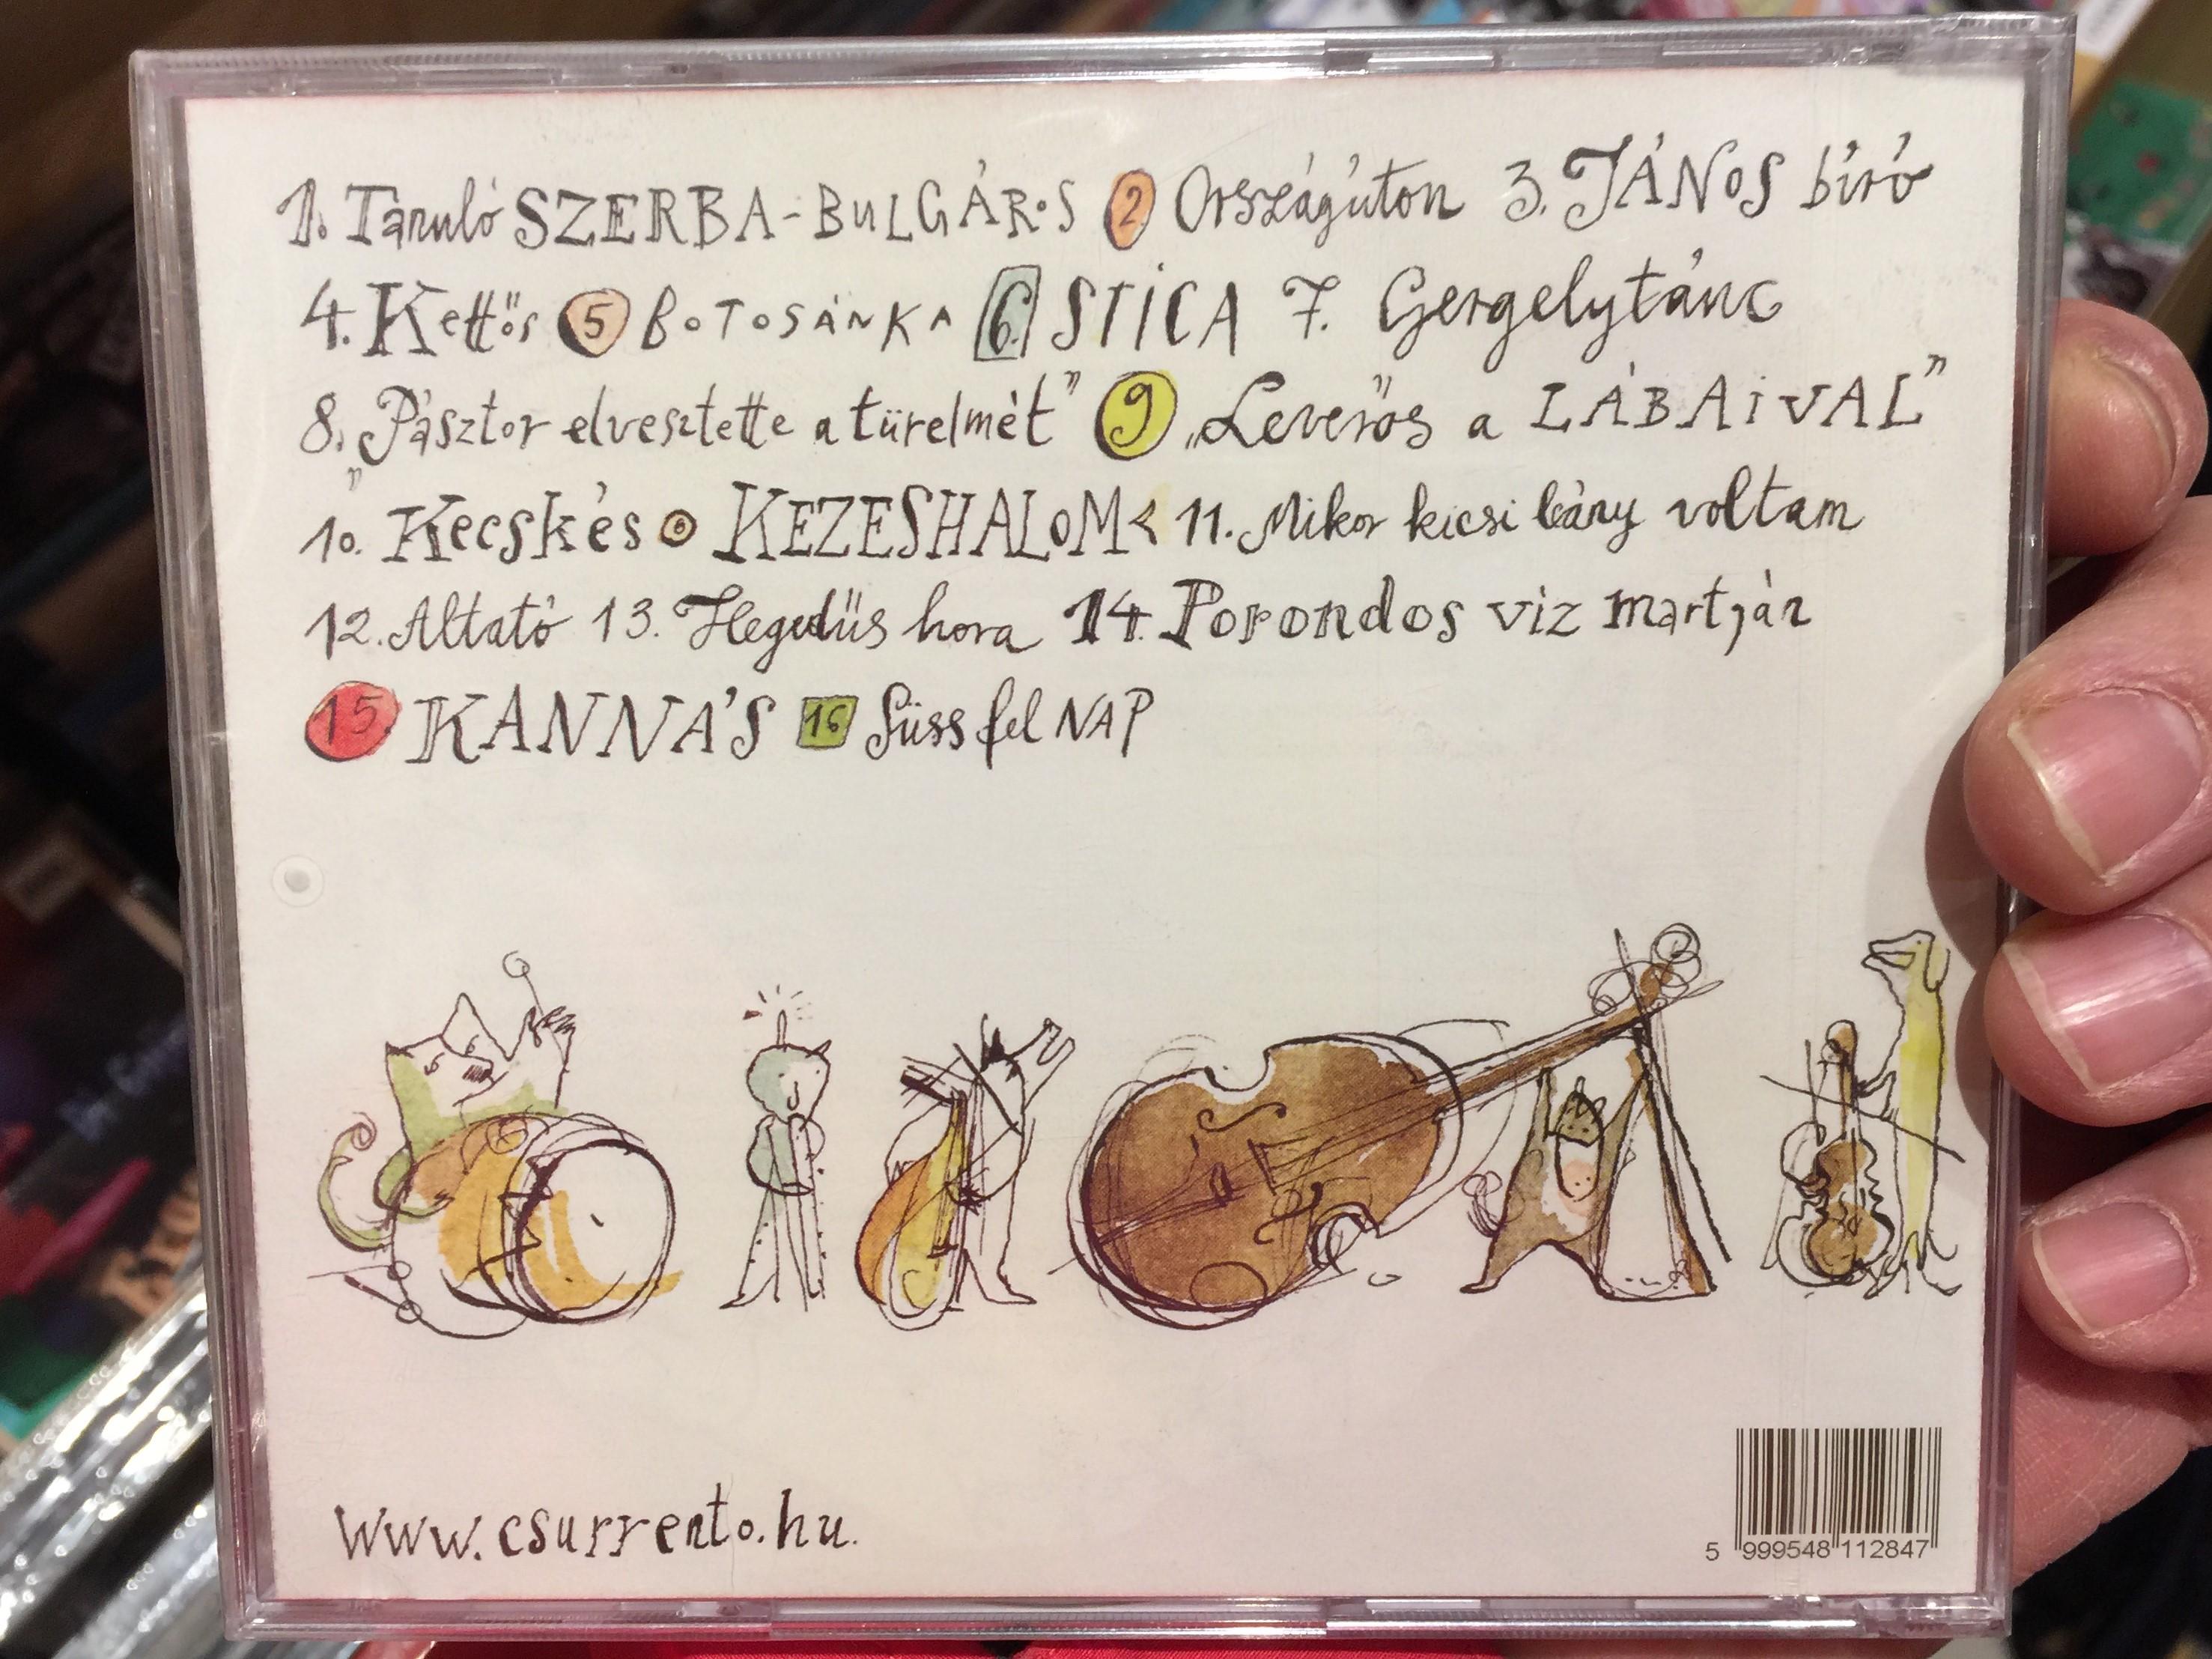 cs-rrent-cs-ng-utca-cs-ng-zene-budapestr-l-cs-ng-music-from-budapest-cs-rkutya-kft-audio-cd-2011-csr-001-2-.jpg